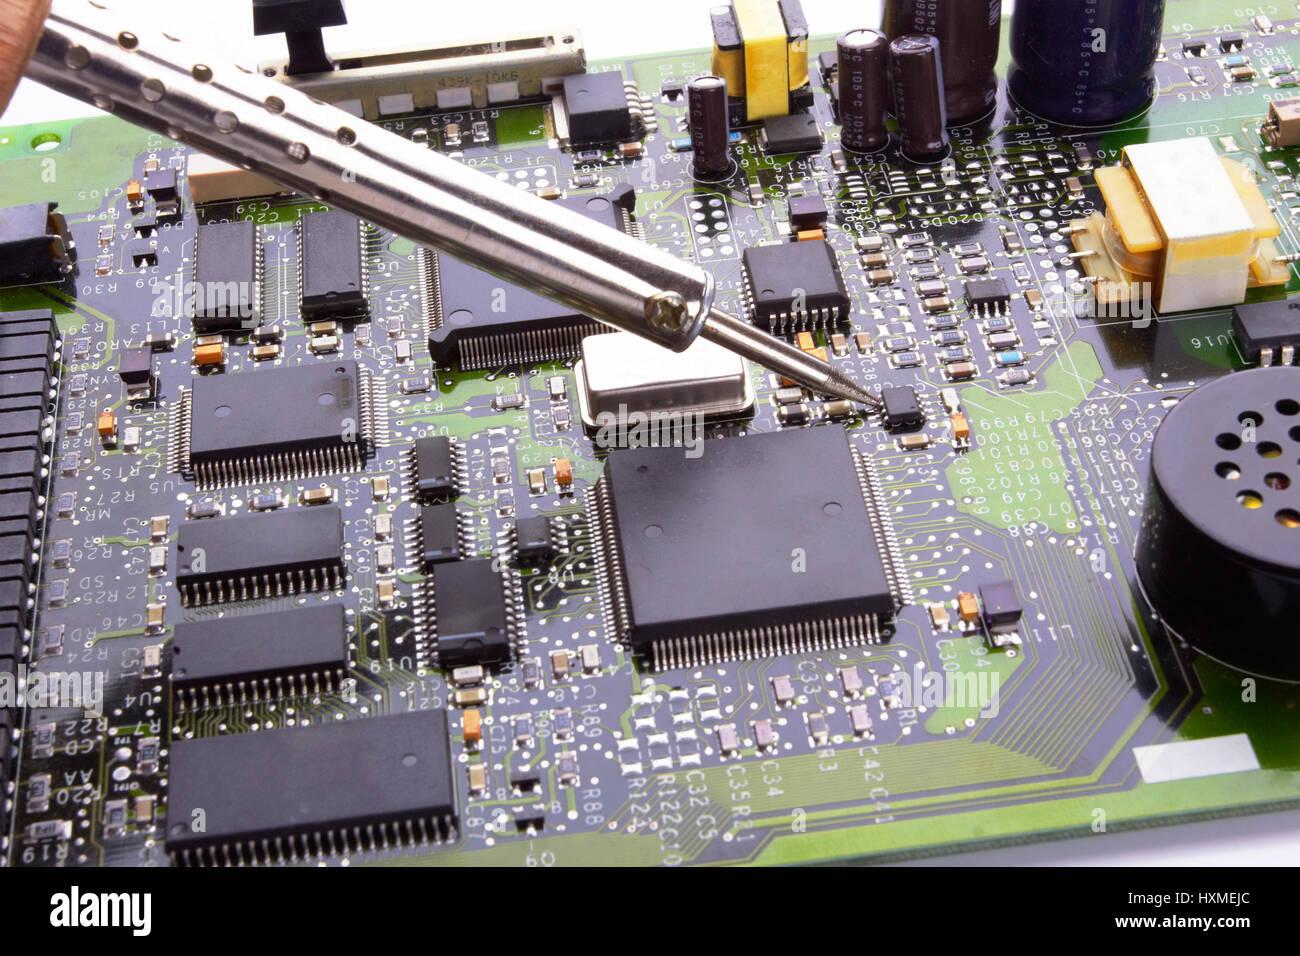 micro Computer-Platine mit Löten Eisen und Zinn Draht im Elektronik ...